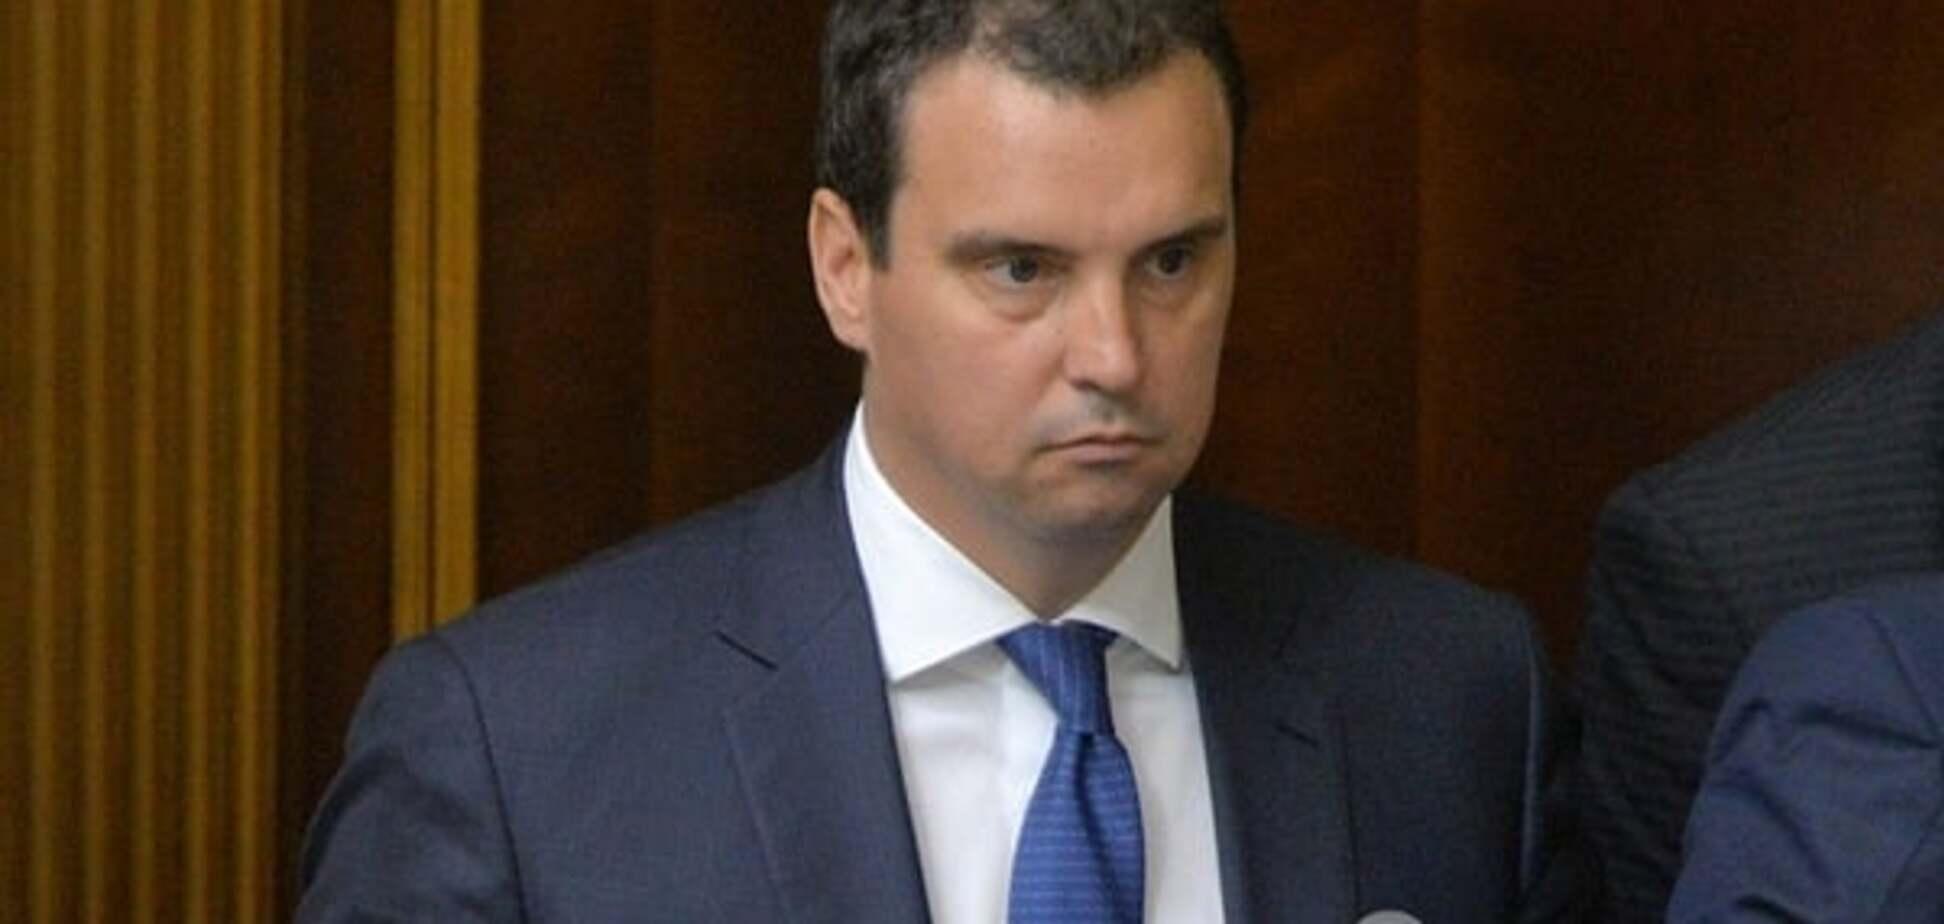 Пайетт прокомментировал решение Абромавичуса об отставке